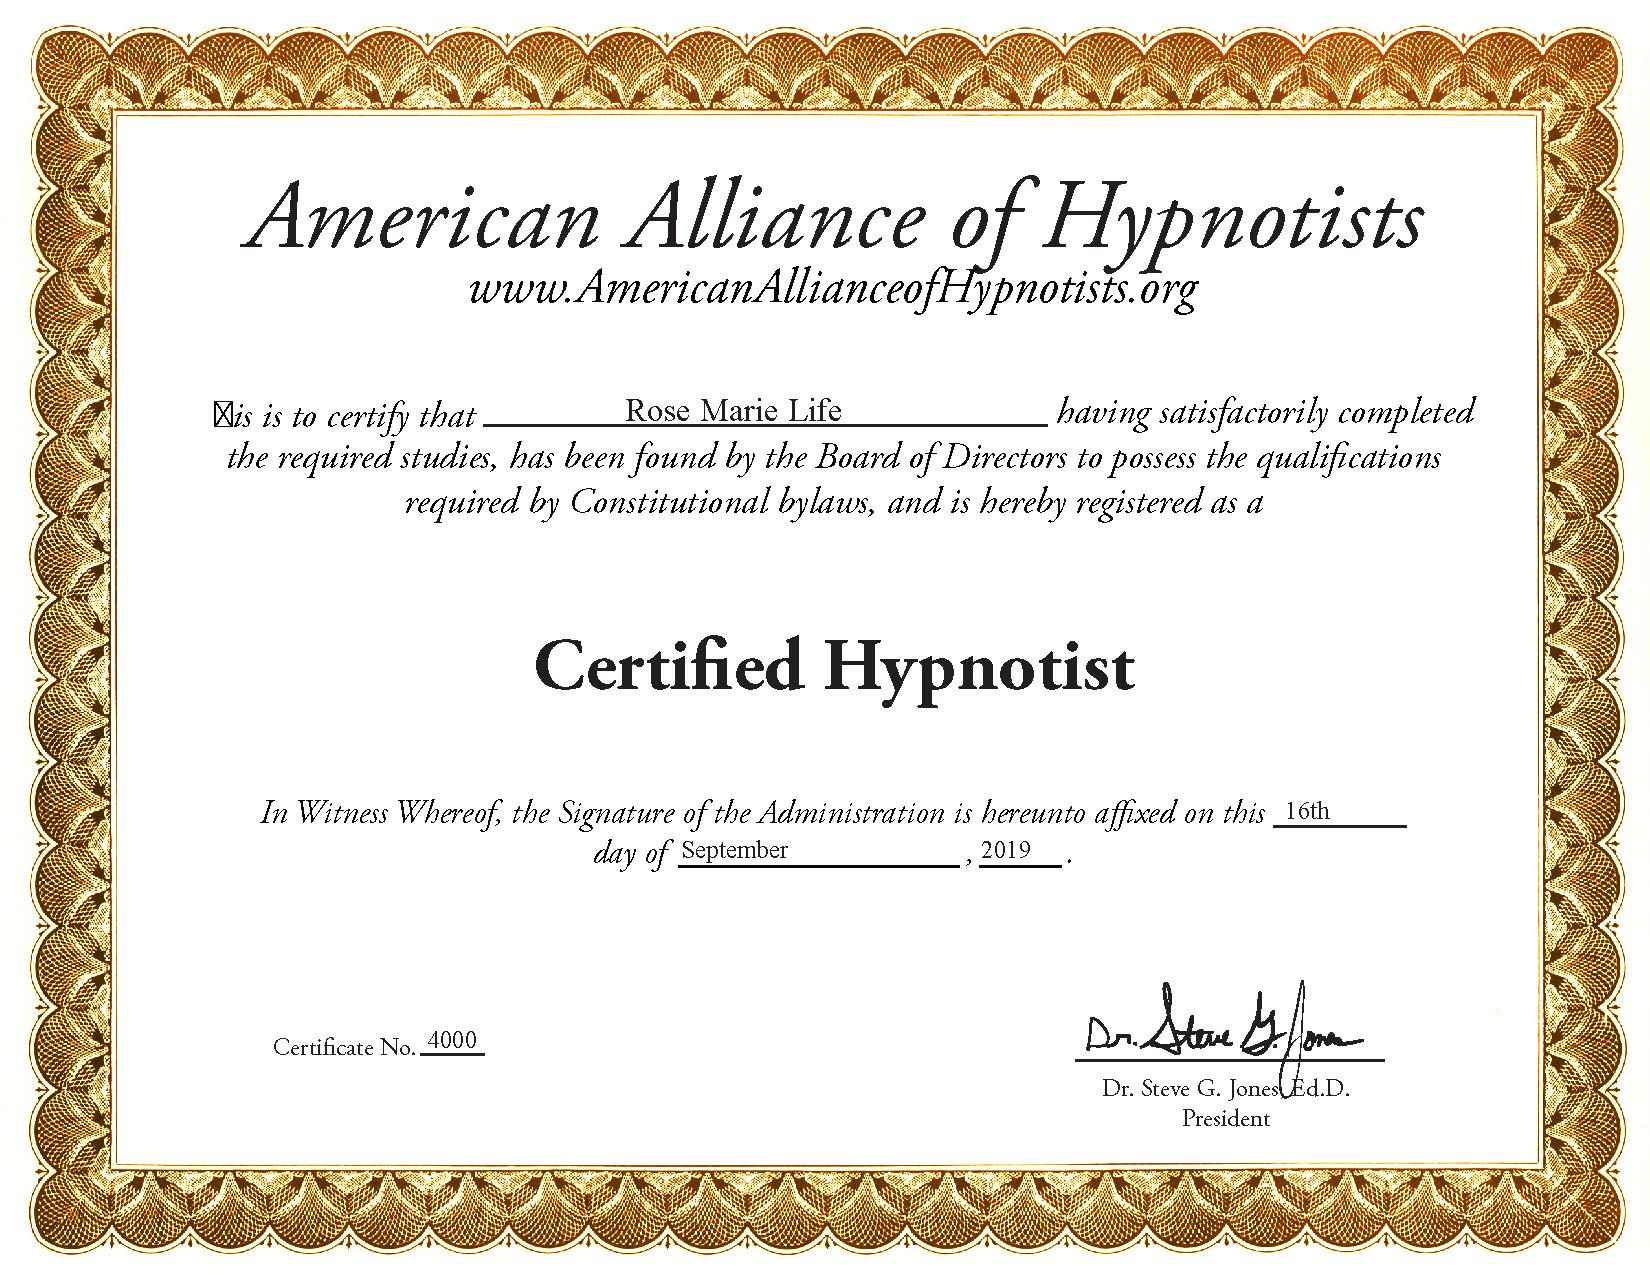 Certified Hypnotist